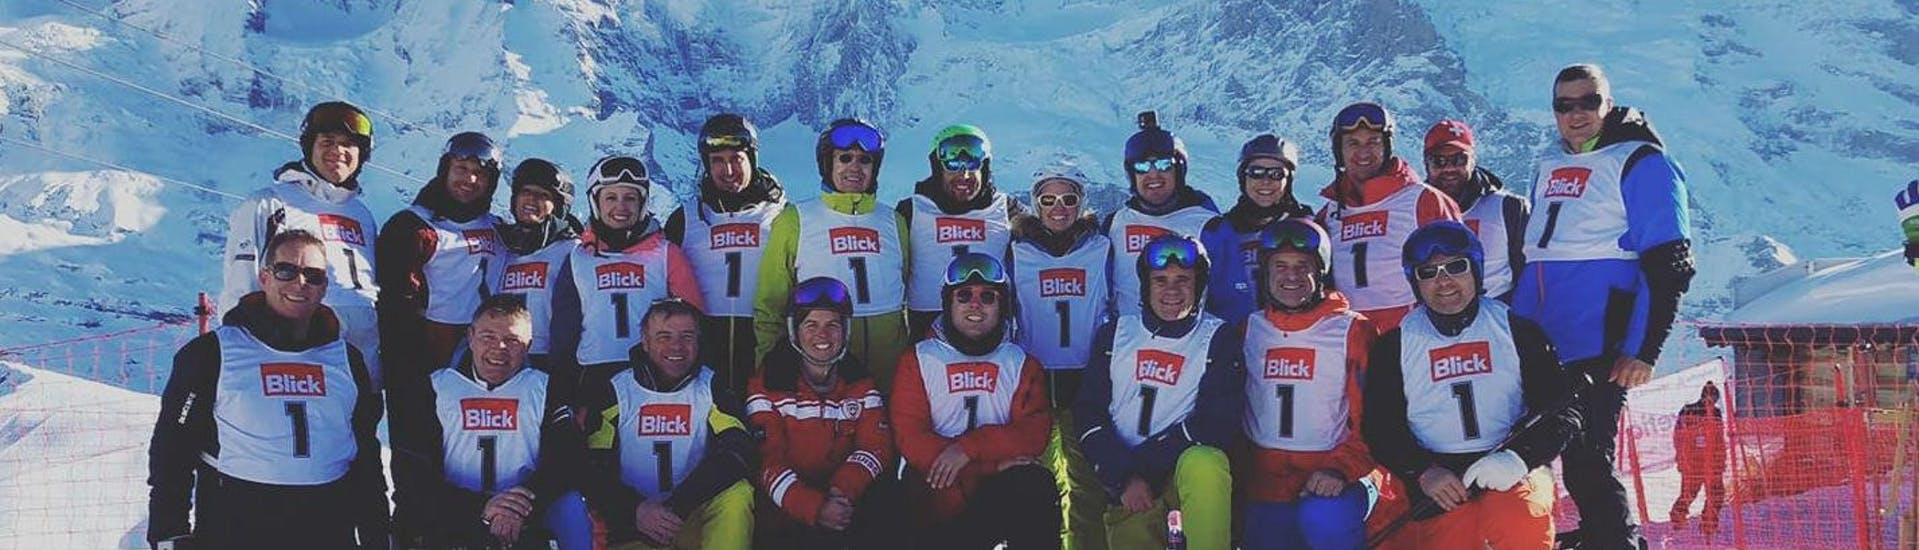 Skilessen voor volwassenen - vergevorderd met Schweizer Ski- und Snowboardschule Wengen - Hero image